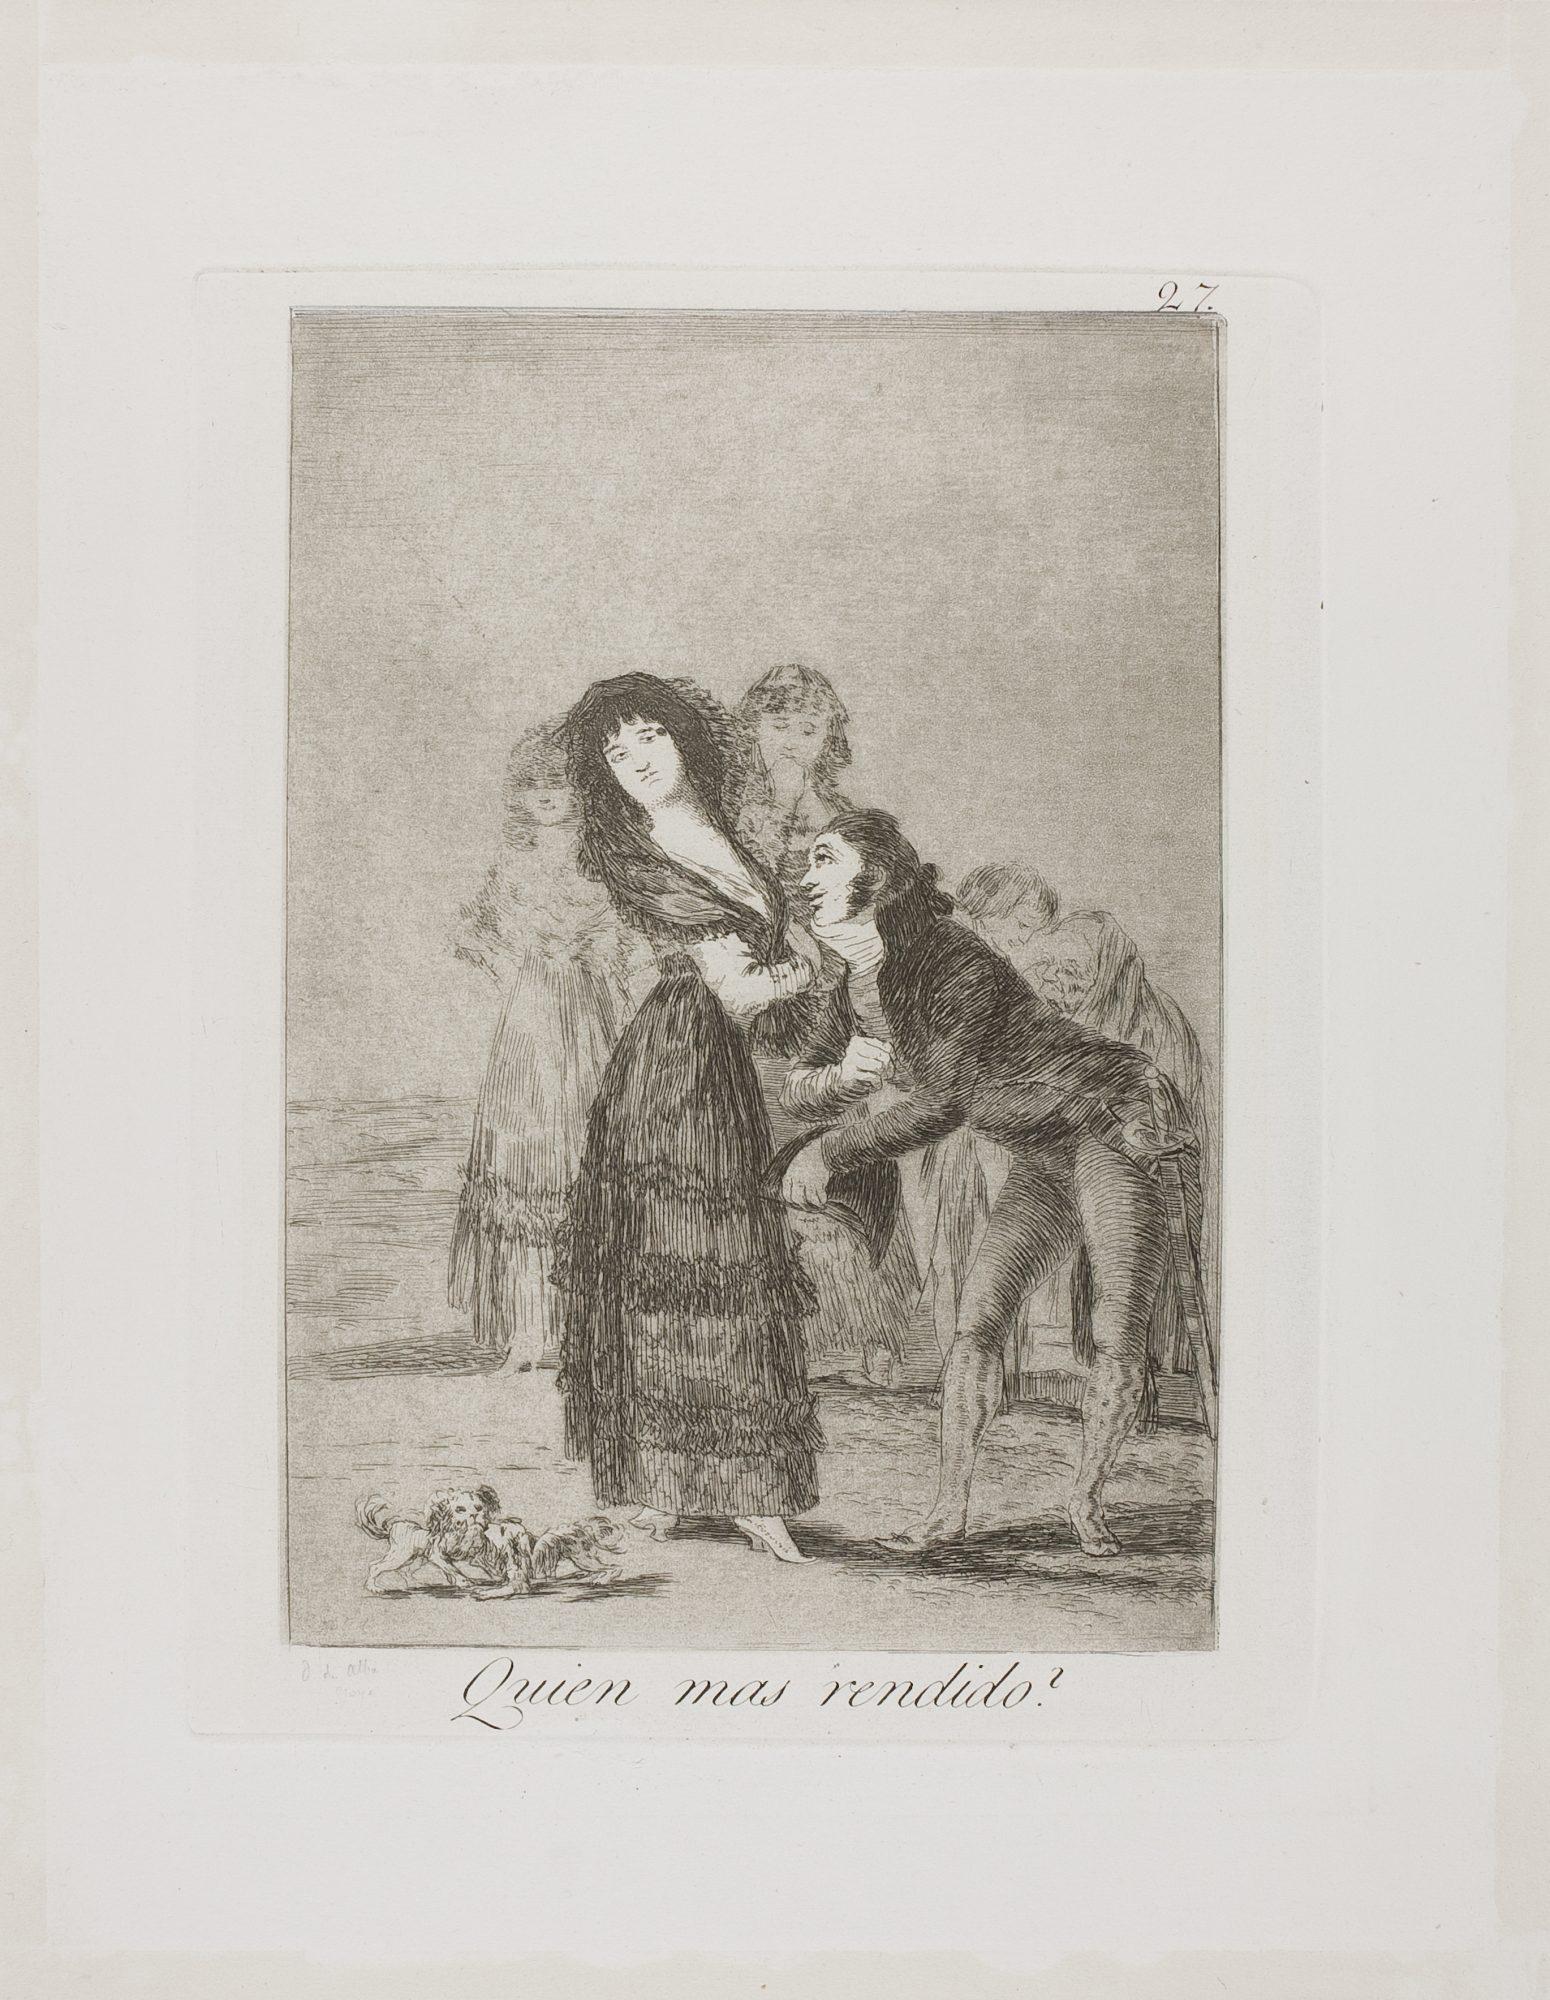 """Francisco José de Goya y Lucientes (Spanish, 1746-1828) Quien mas rendido? (plate 27 from """"Los Caprichos"""")"""